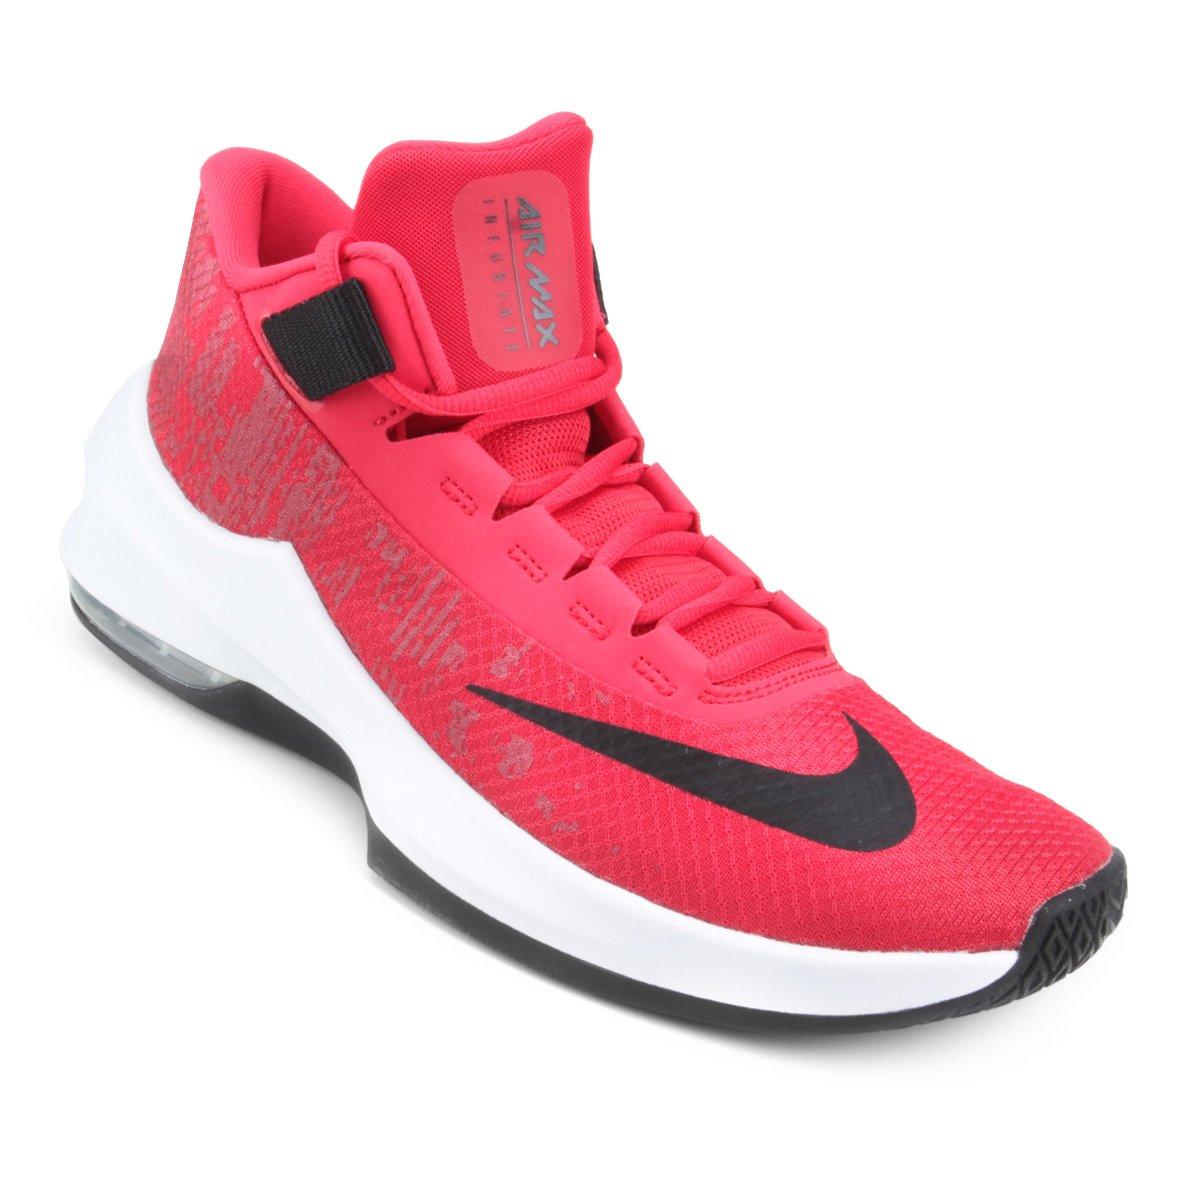 ea0ab515de8 Tênis Nike Air Max Infuriate 2 Mid Masculino - Vermelho e Preto - Compre  Agora